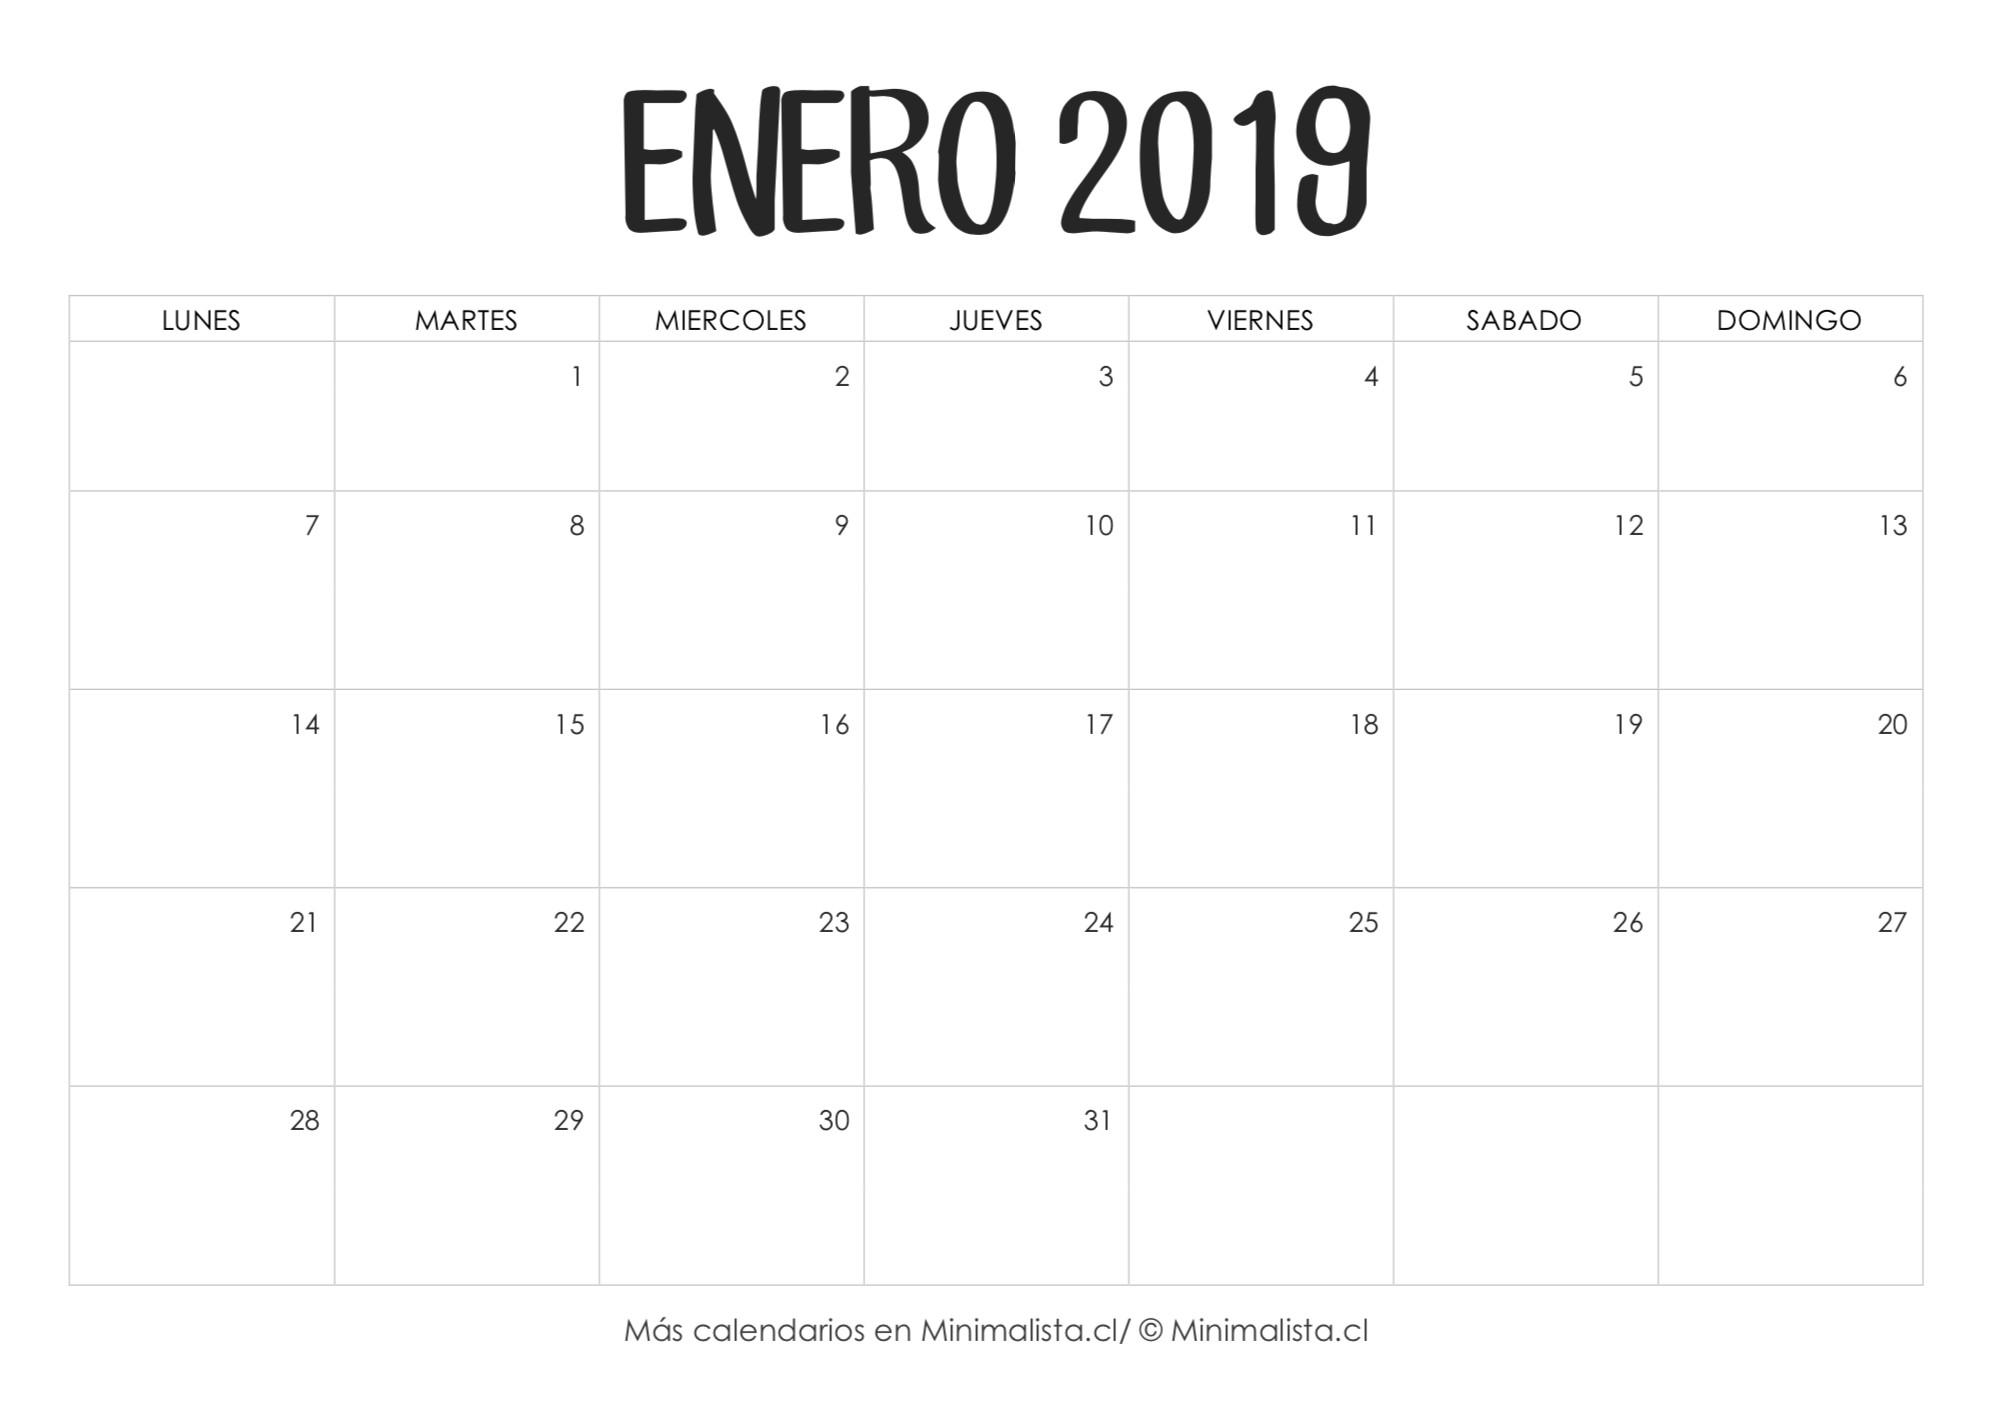 Calendario Enero 2019 para Imprimir